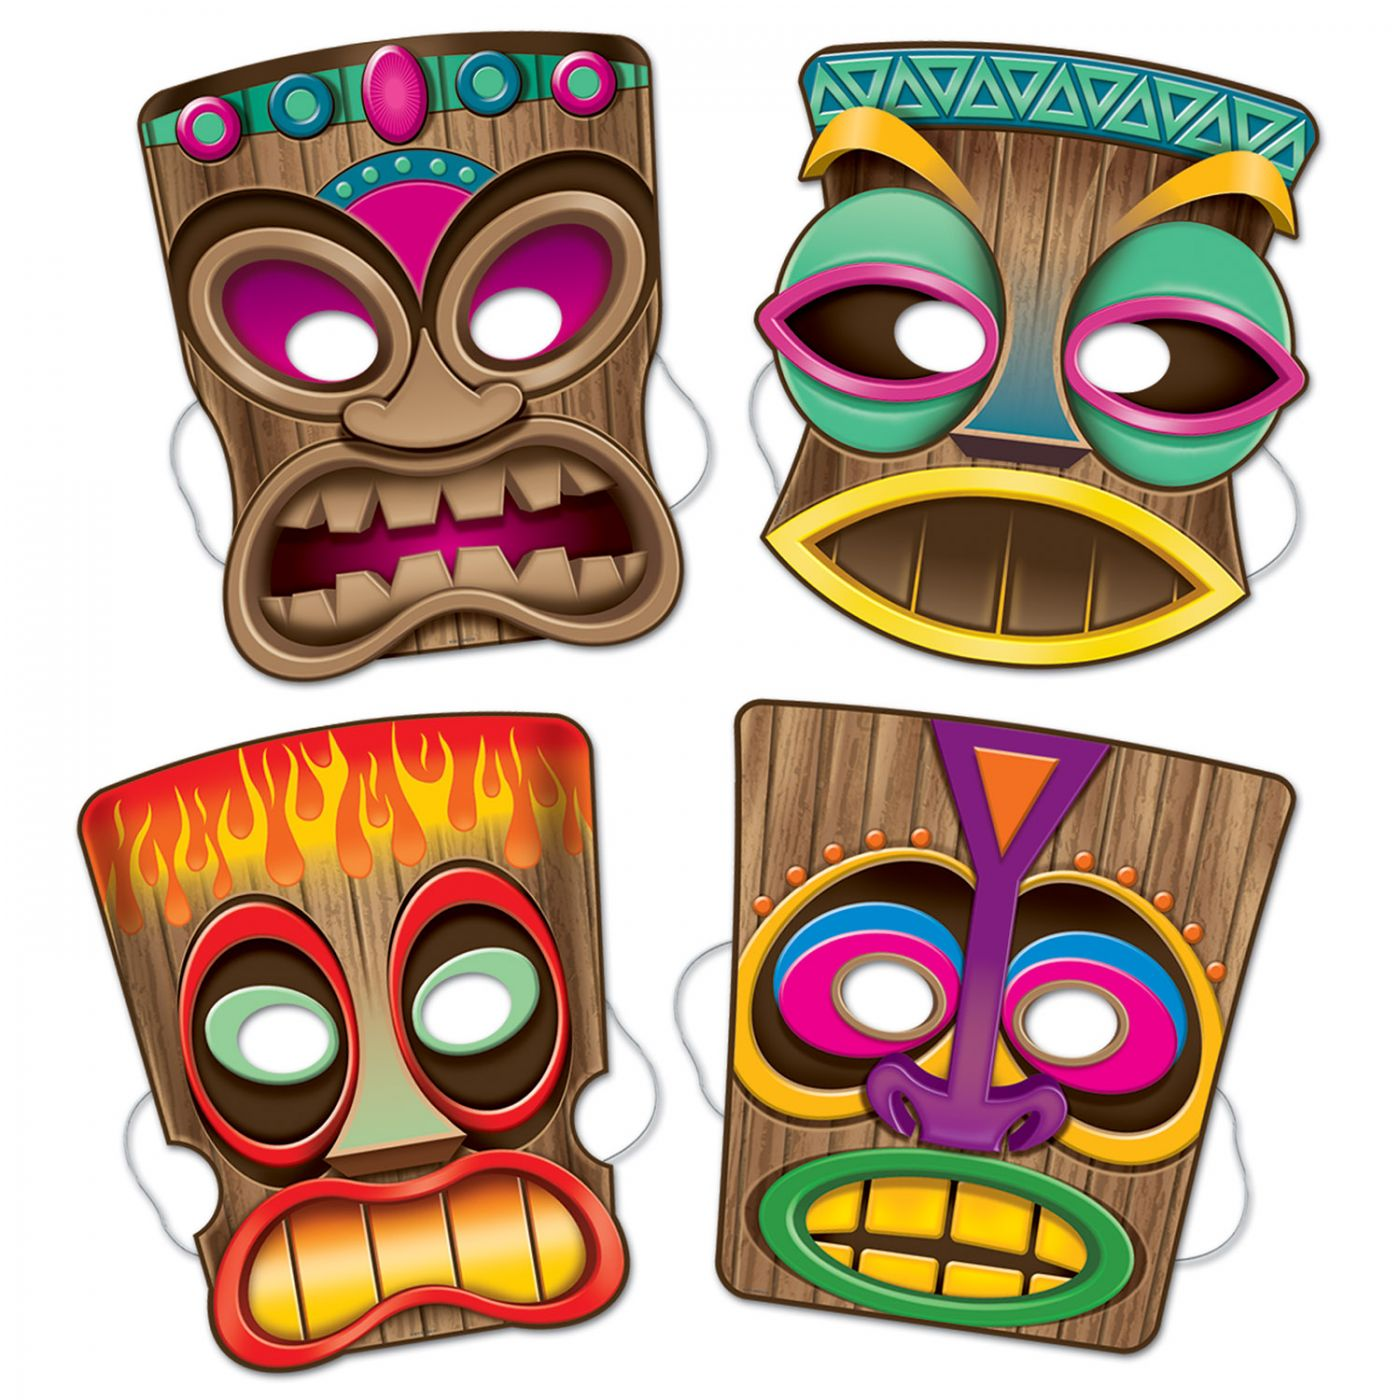 Tiki Masks image